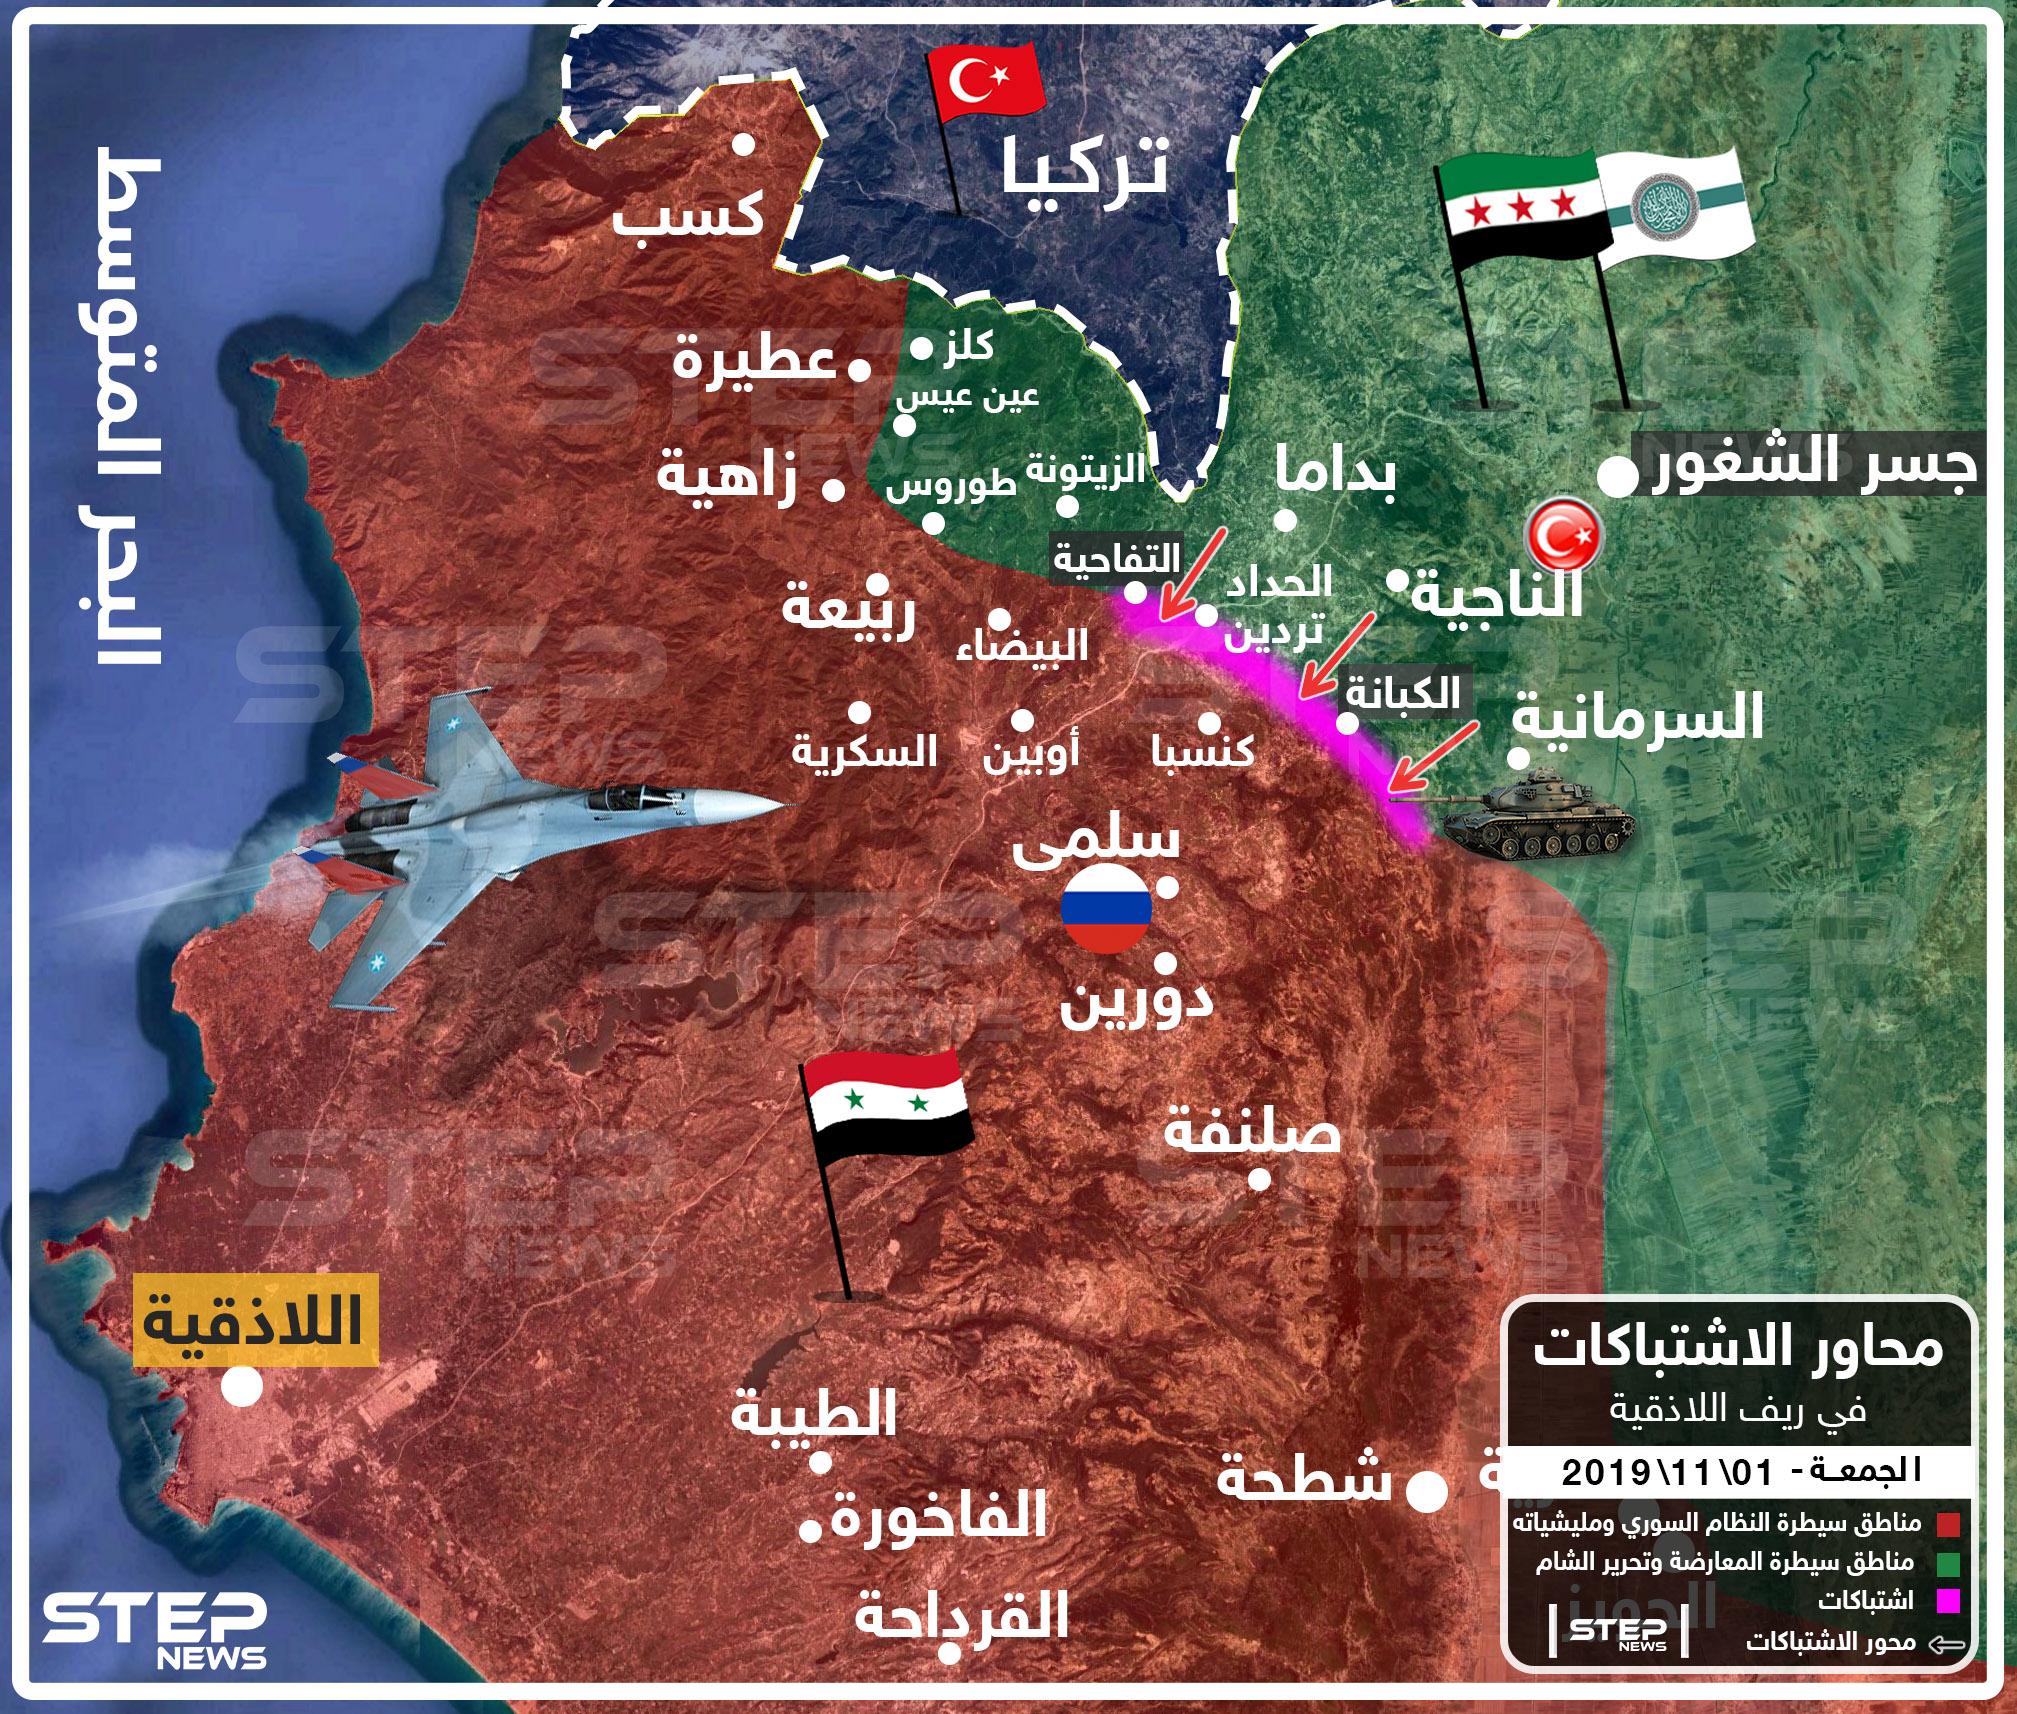 خريطة تُظهر محاور الاشتباكات بين قوات المعارضة وقوات النظام بريف اللاذقية